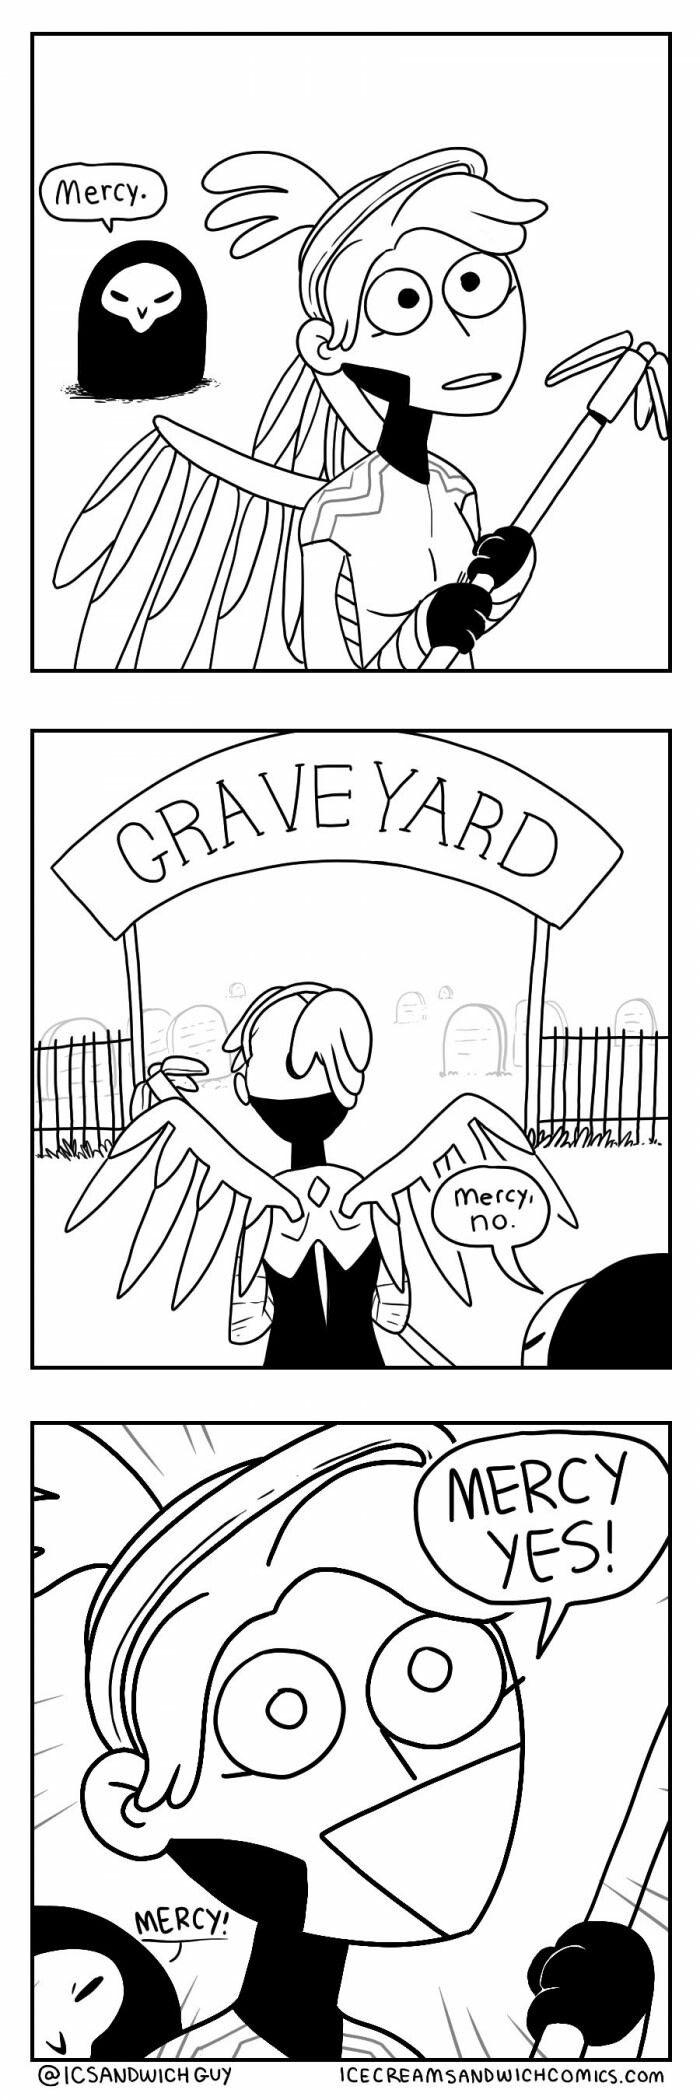 ce qui est écrit sur la pancarte c'est cimetière je vous laisse imaginer la suite